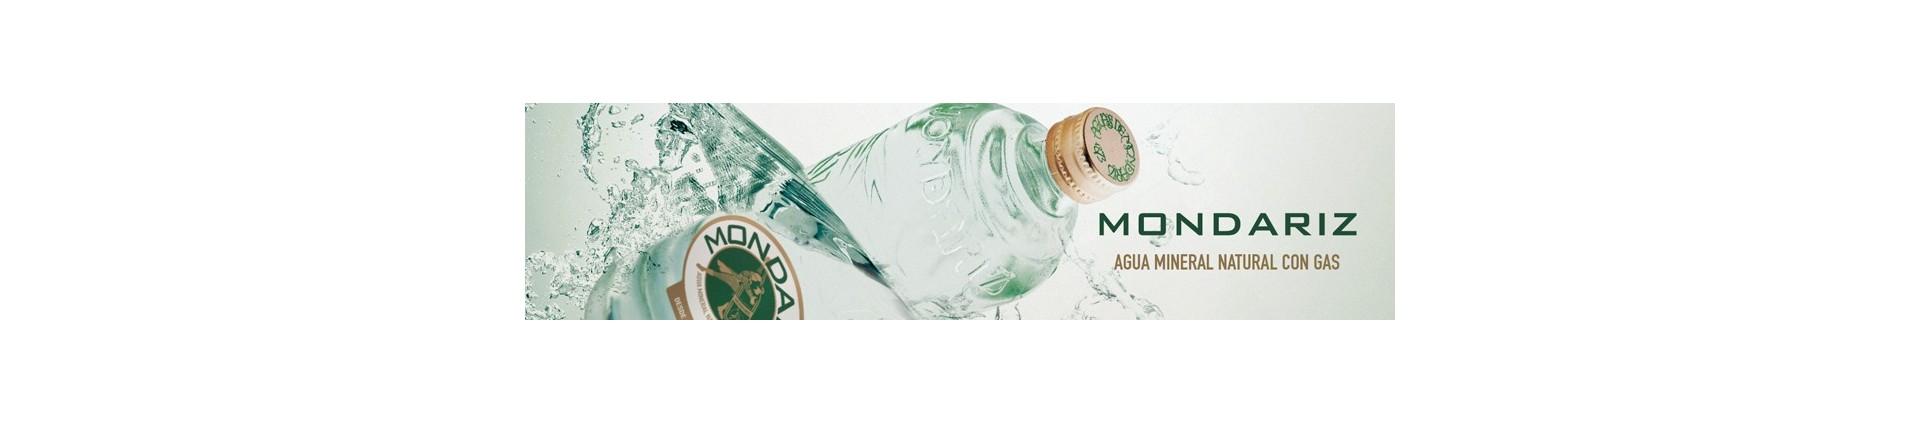 Agua Mineral Carbónica Mondariz, agua con gas - La Tienda Vichy